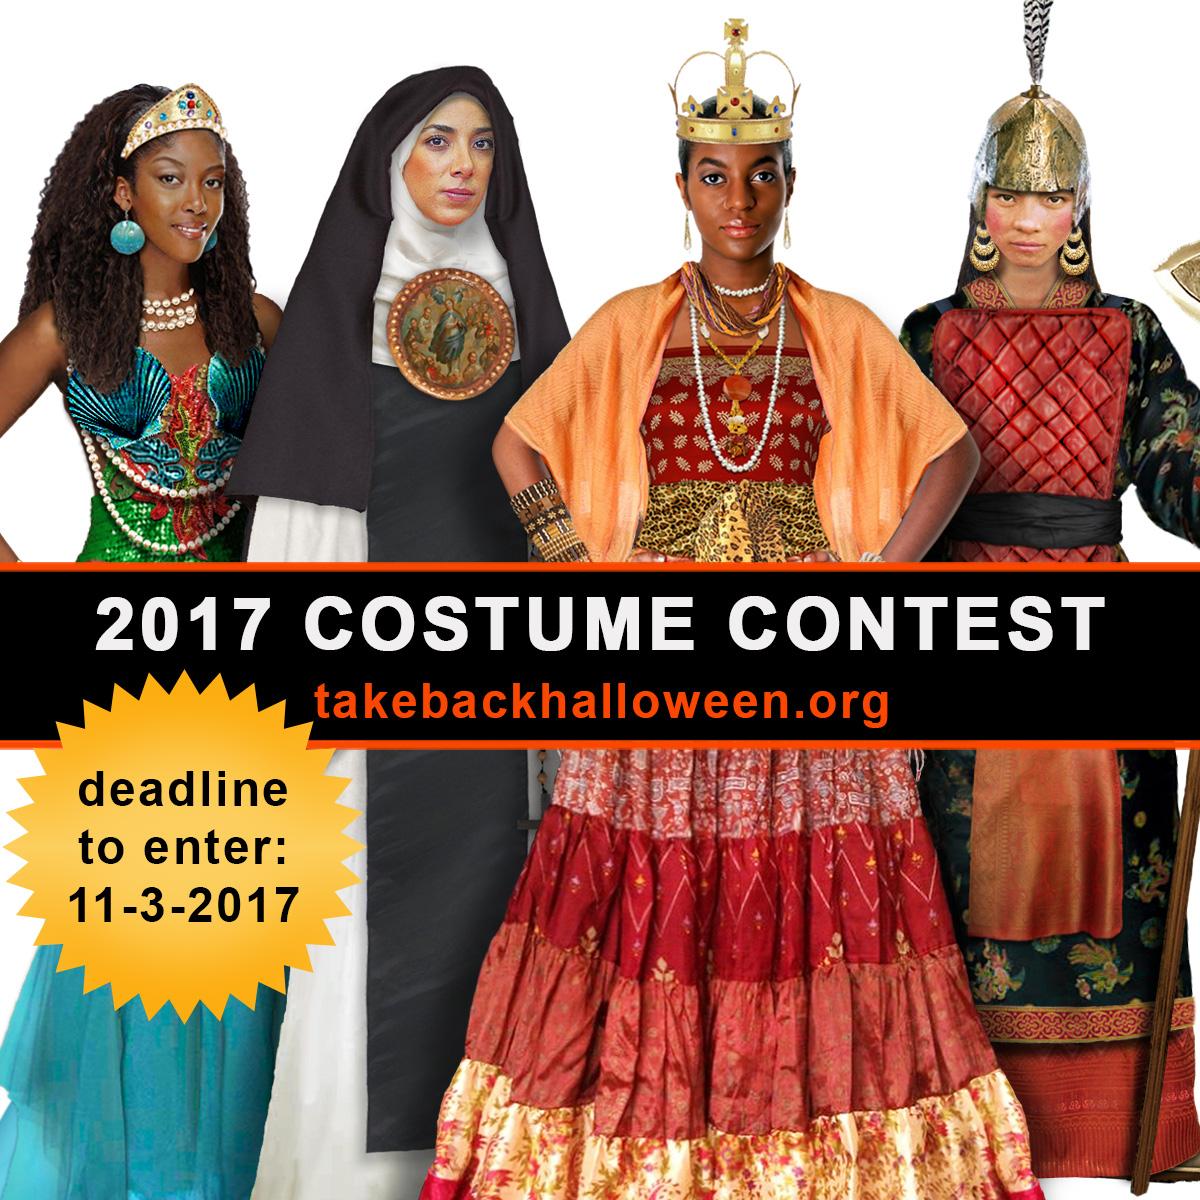 2017 Costume Contest